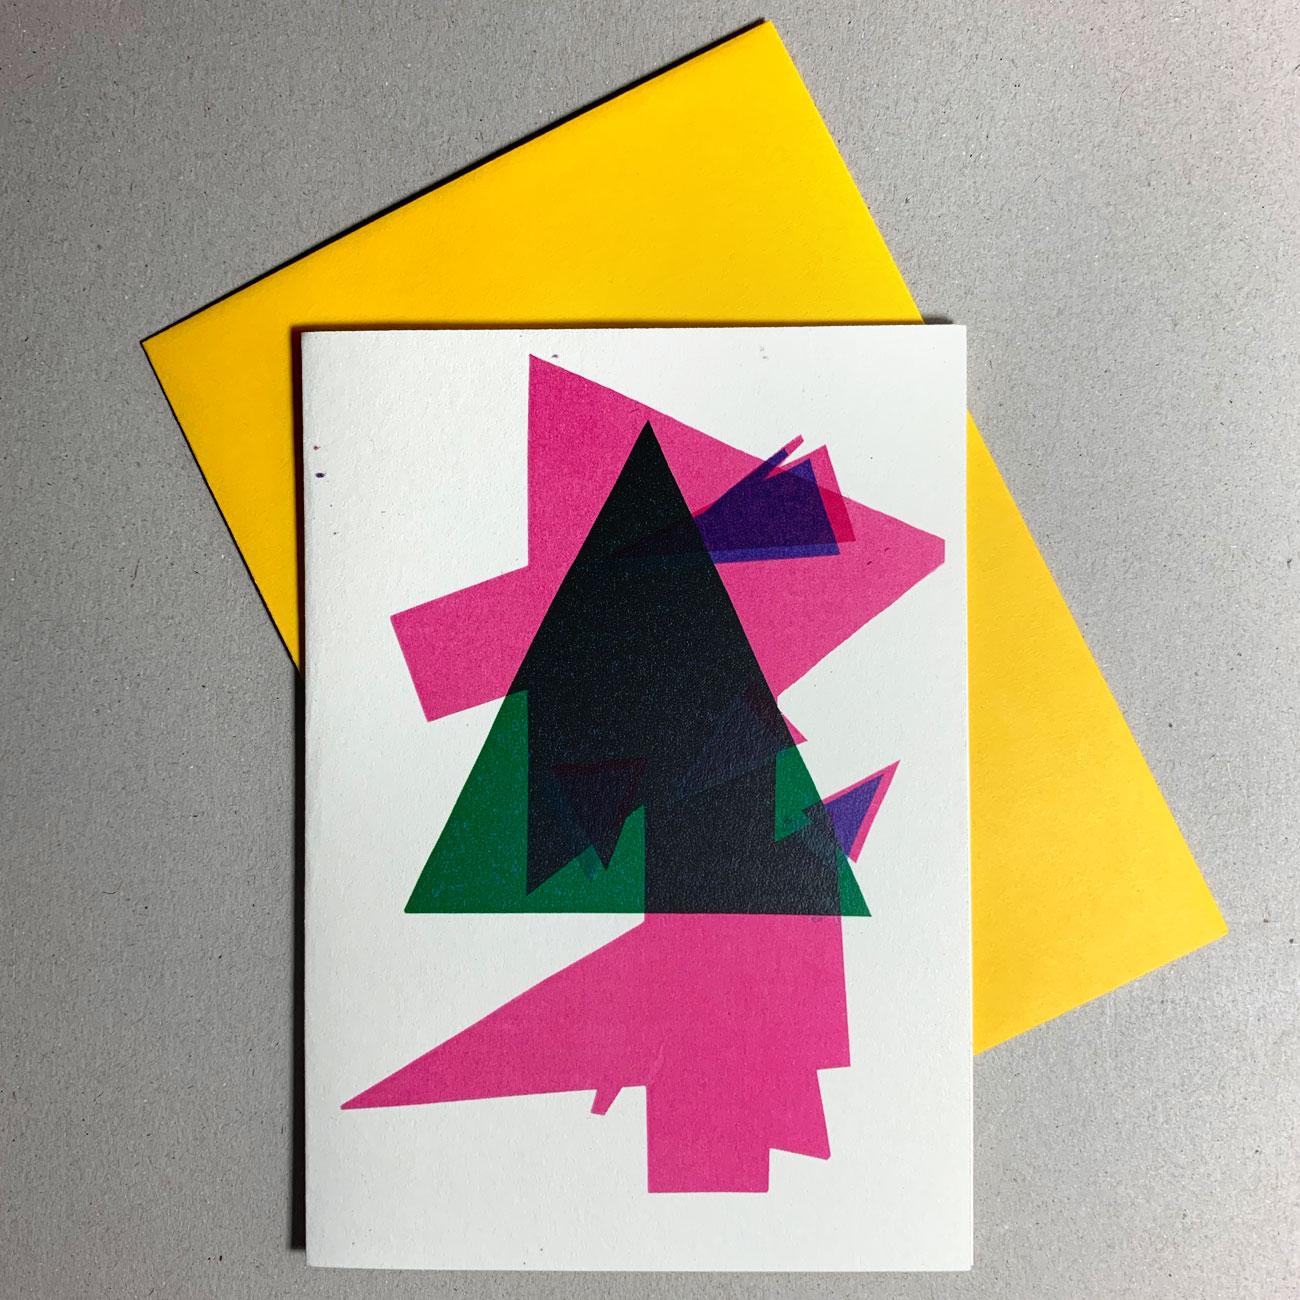 Klappkarte grafischer Baum, magenta-farben, grün, gelbes Kuvert